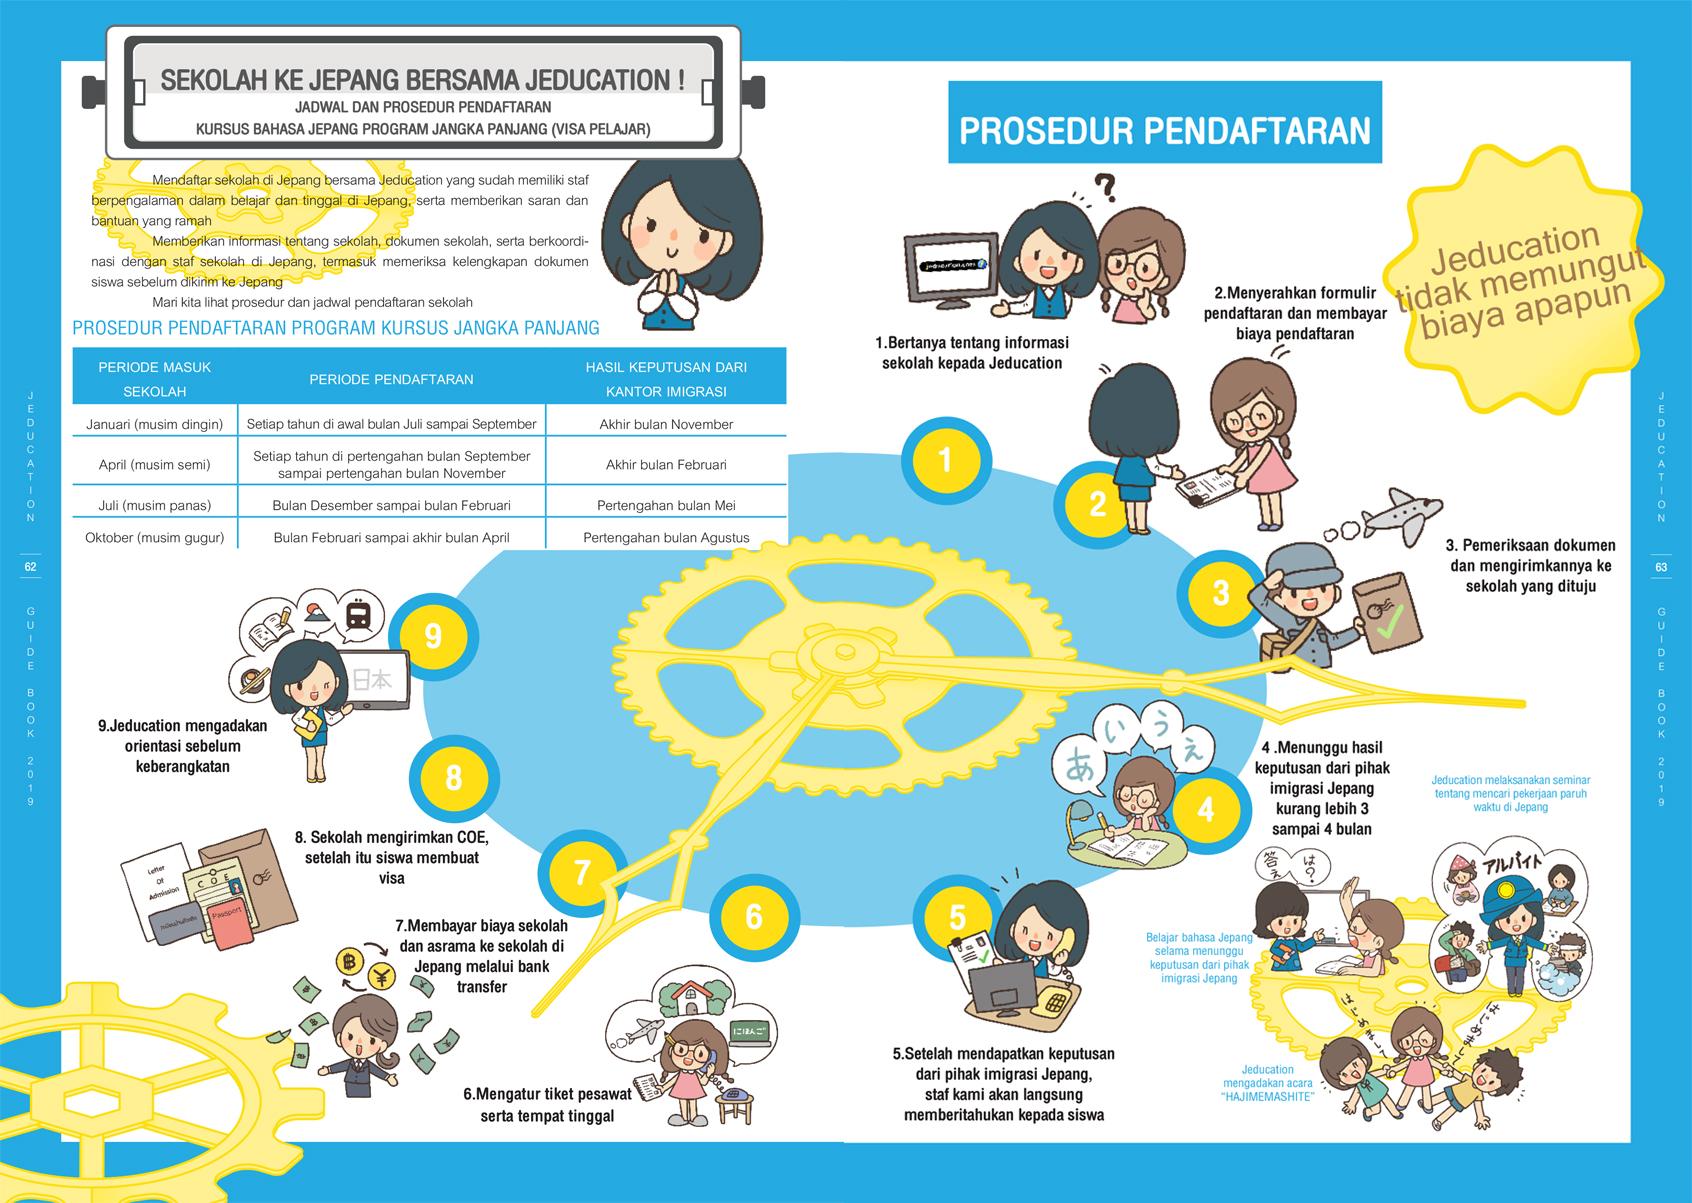 Prosedur Pendaftaran Sekolah ke Jepang